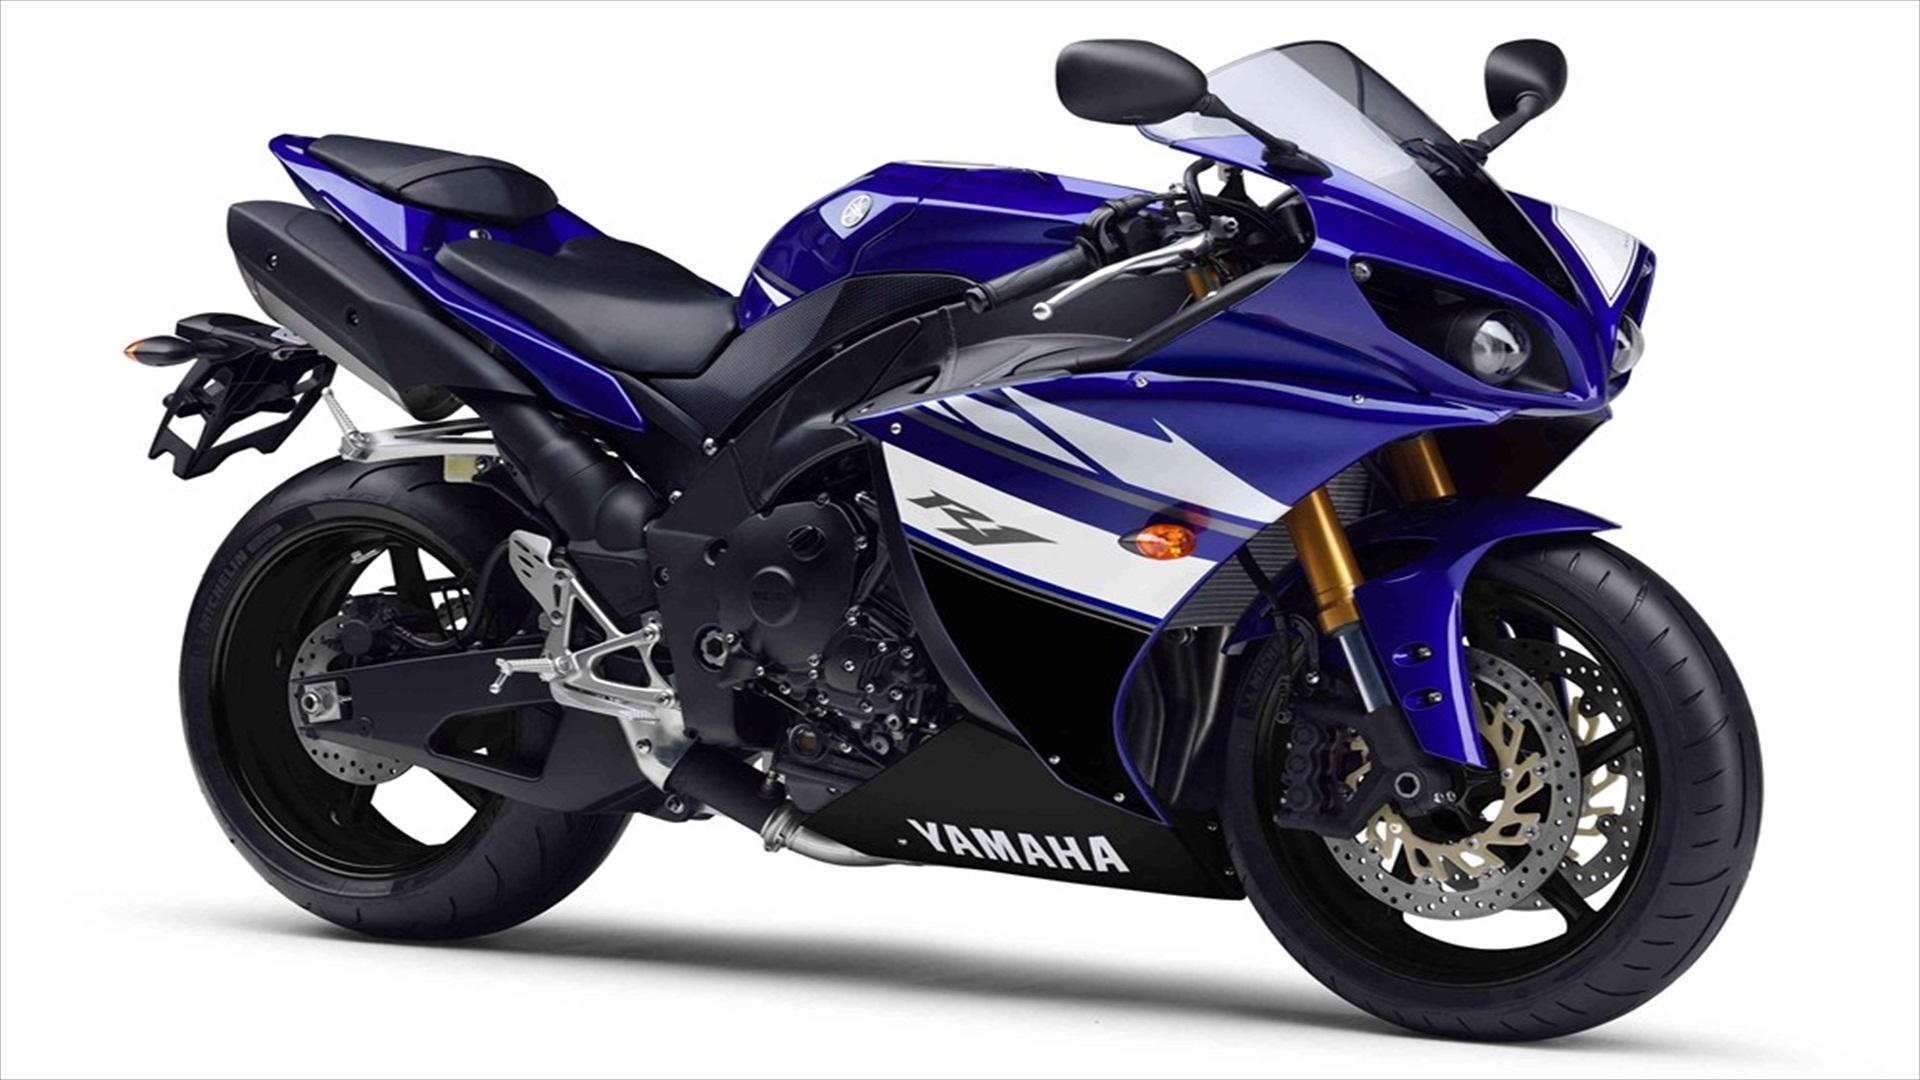 Yamaha R1 wallpapers HD quality